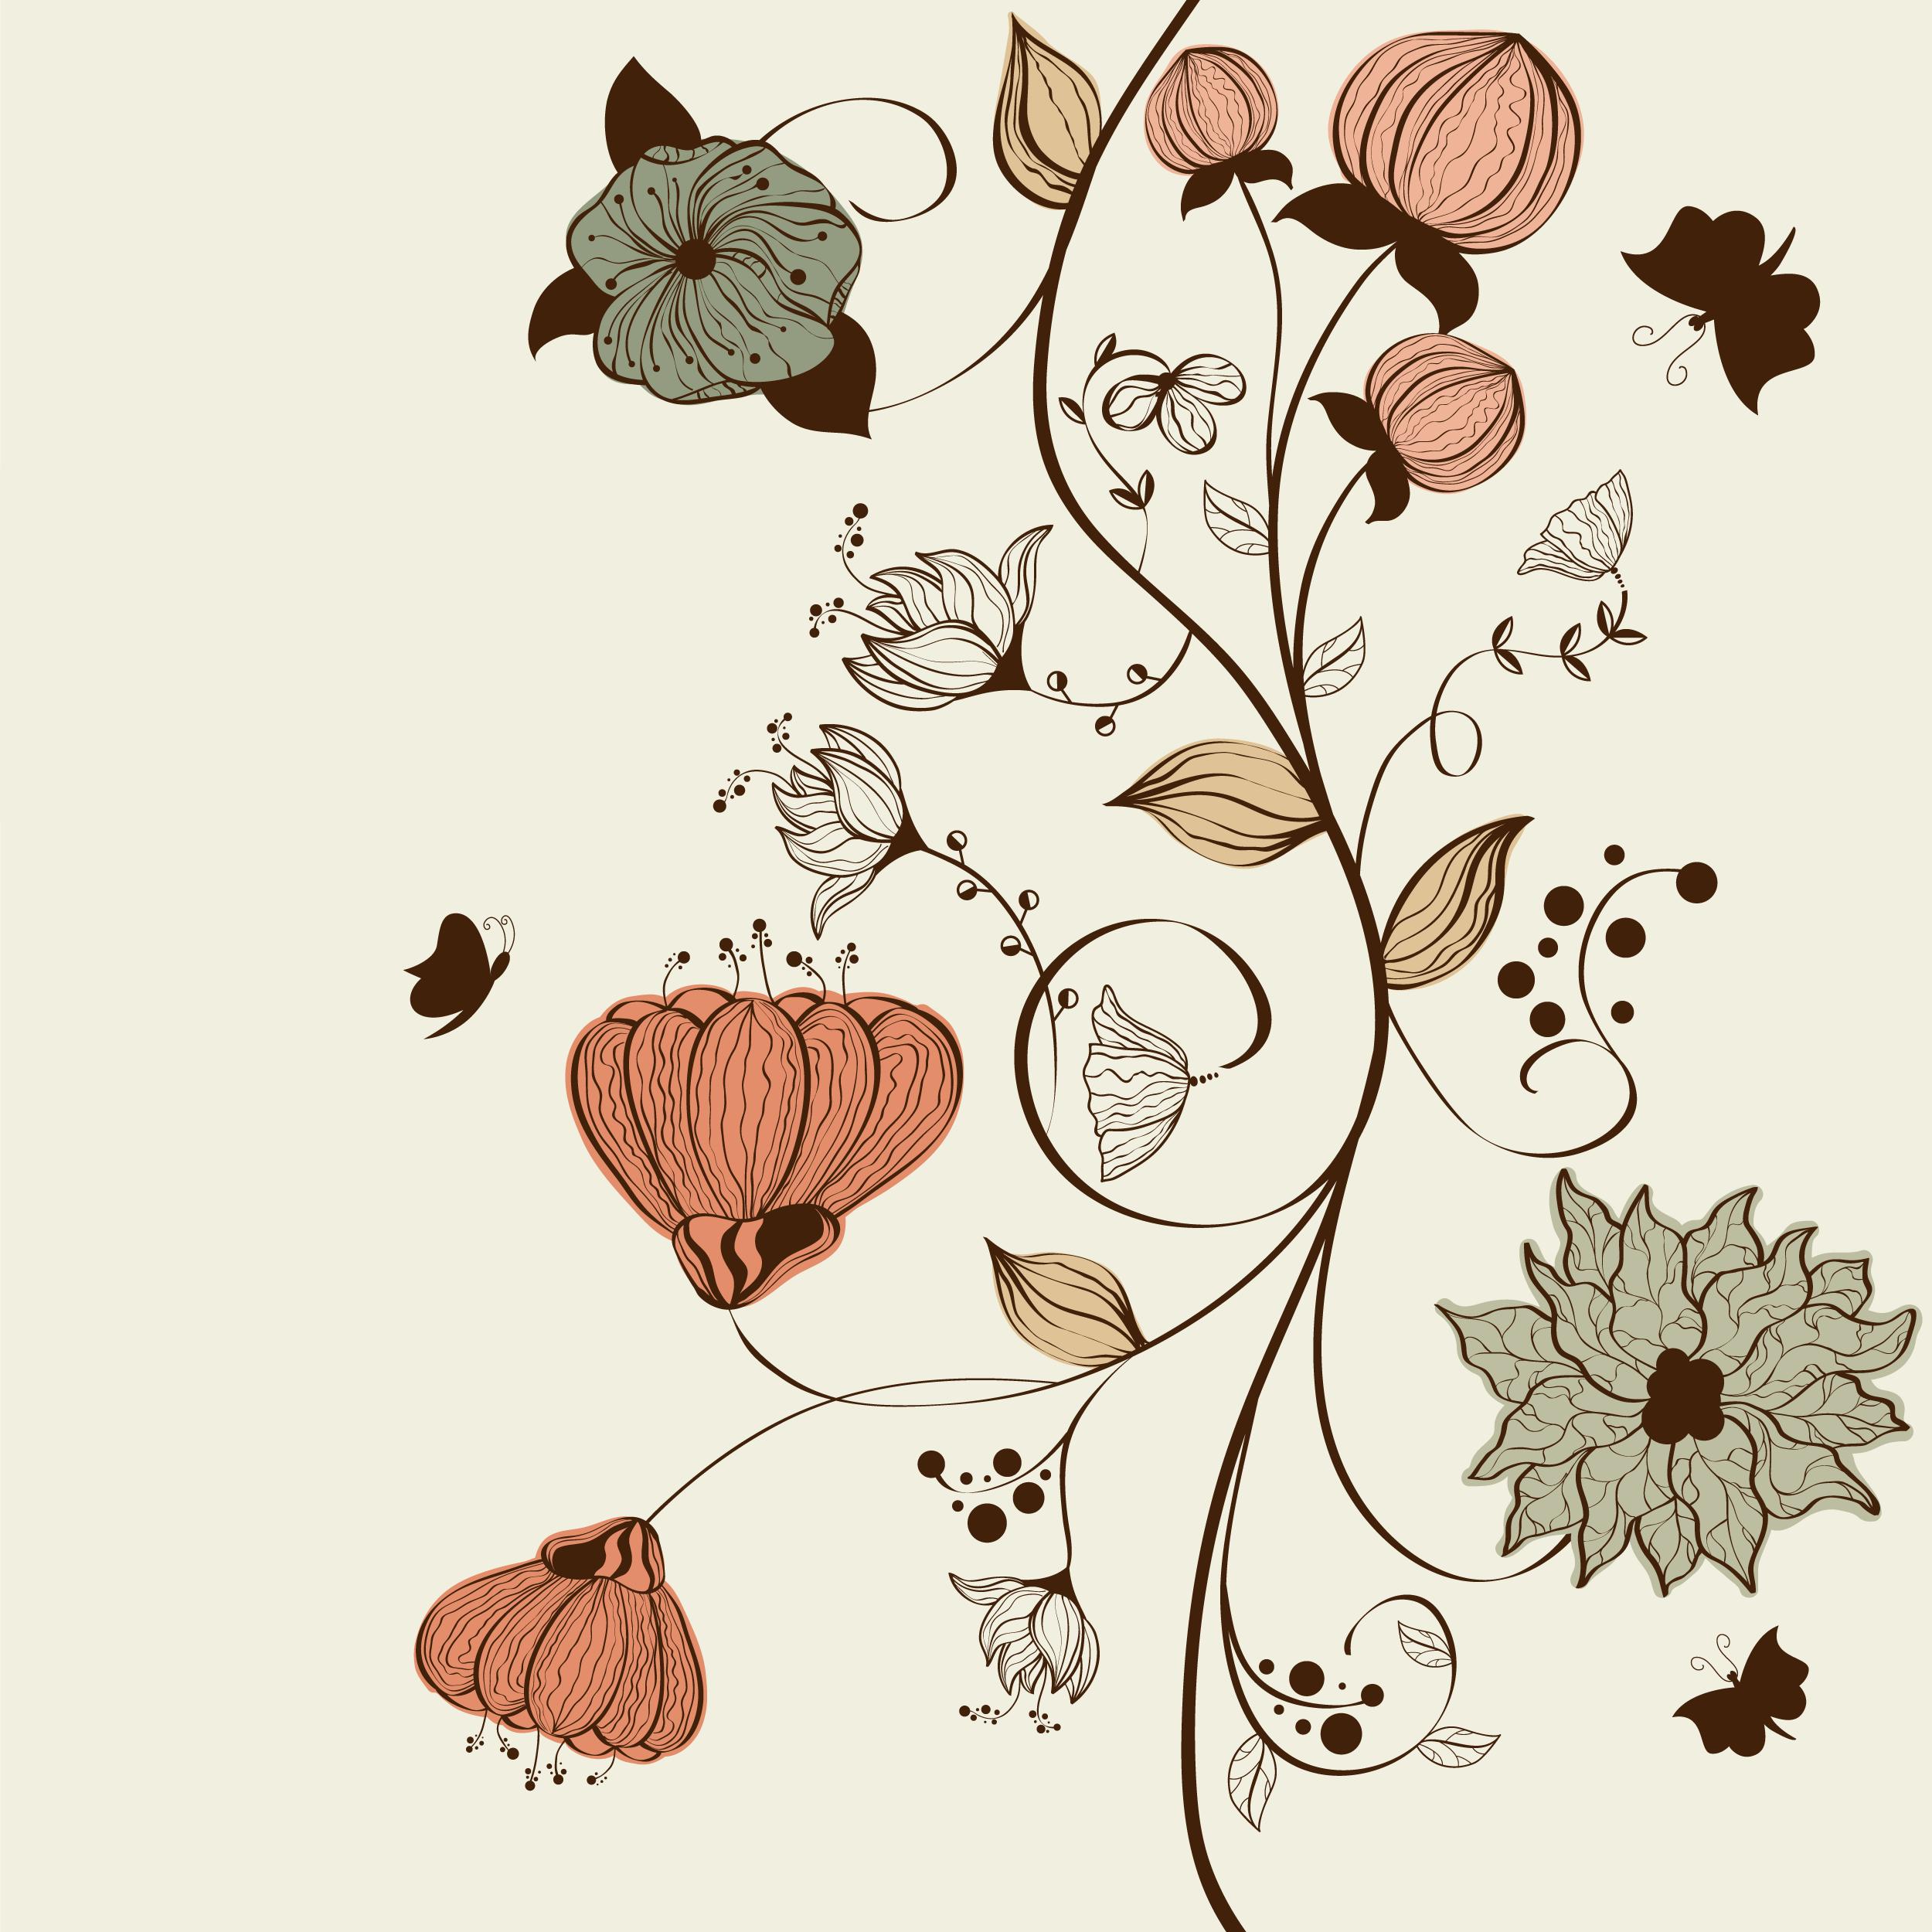 花のイラストフリー素材壁紙背景no133手書き風赤緑茎葉